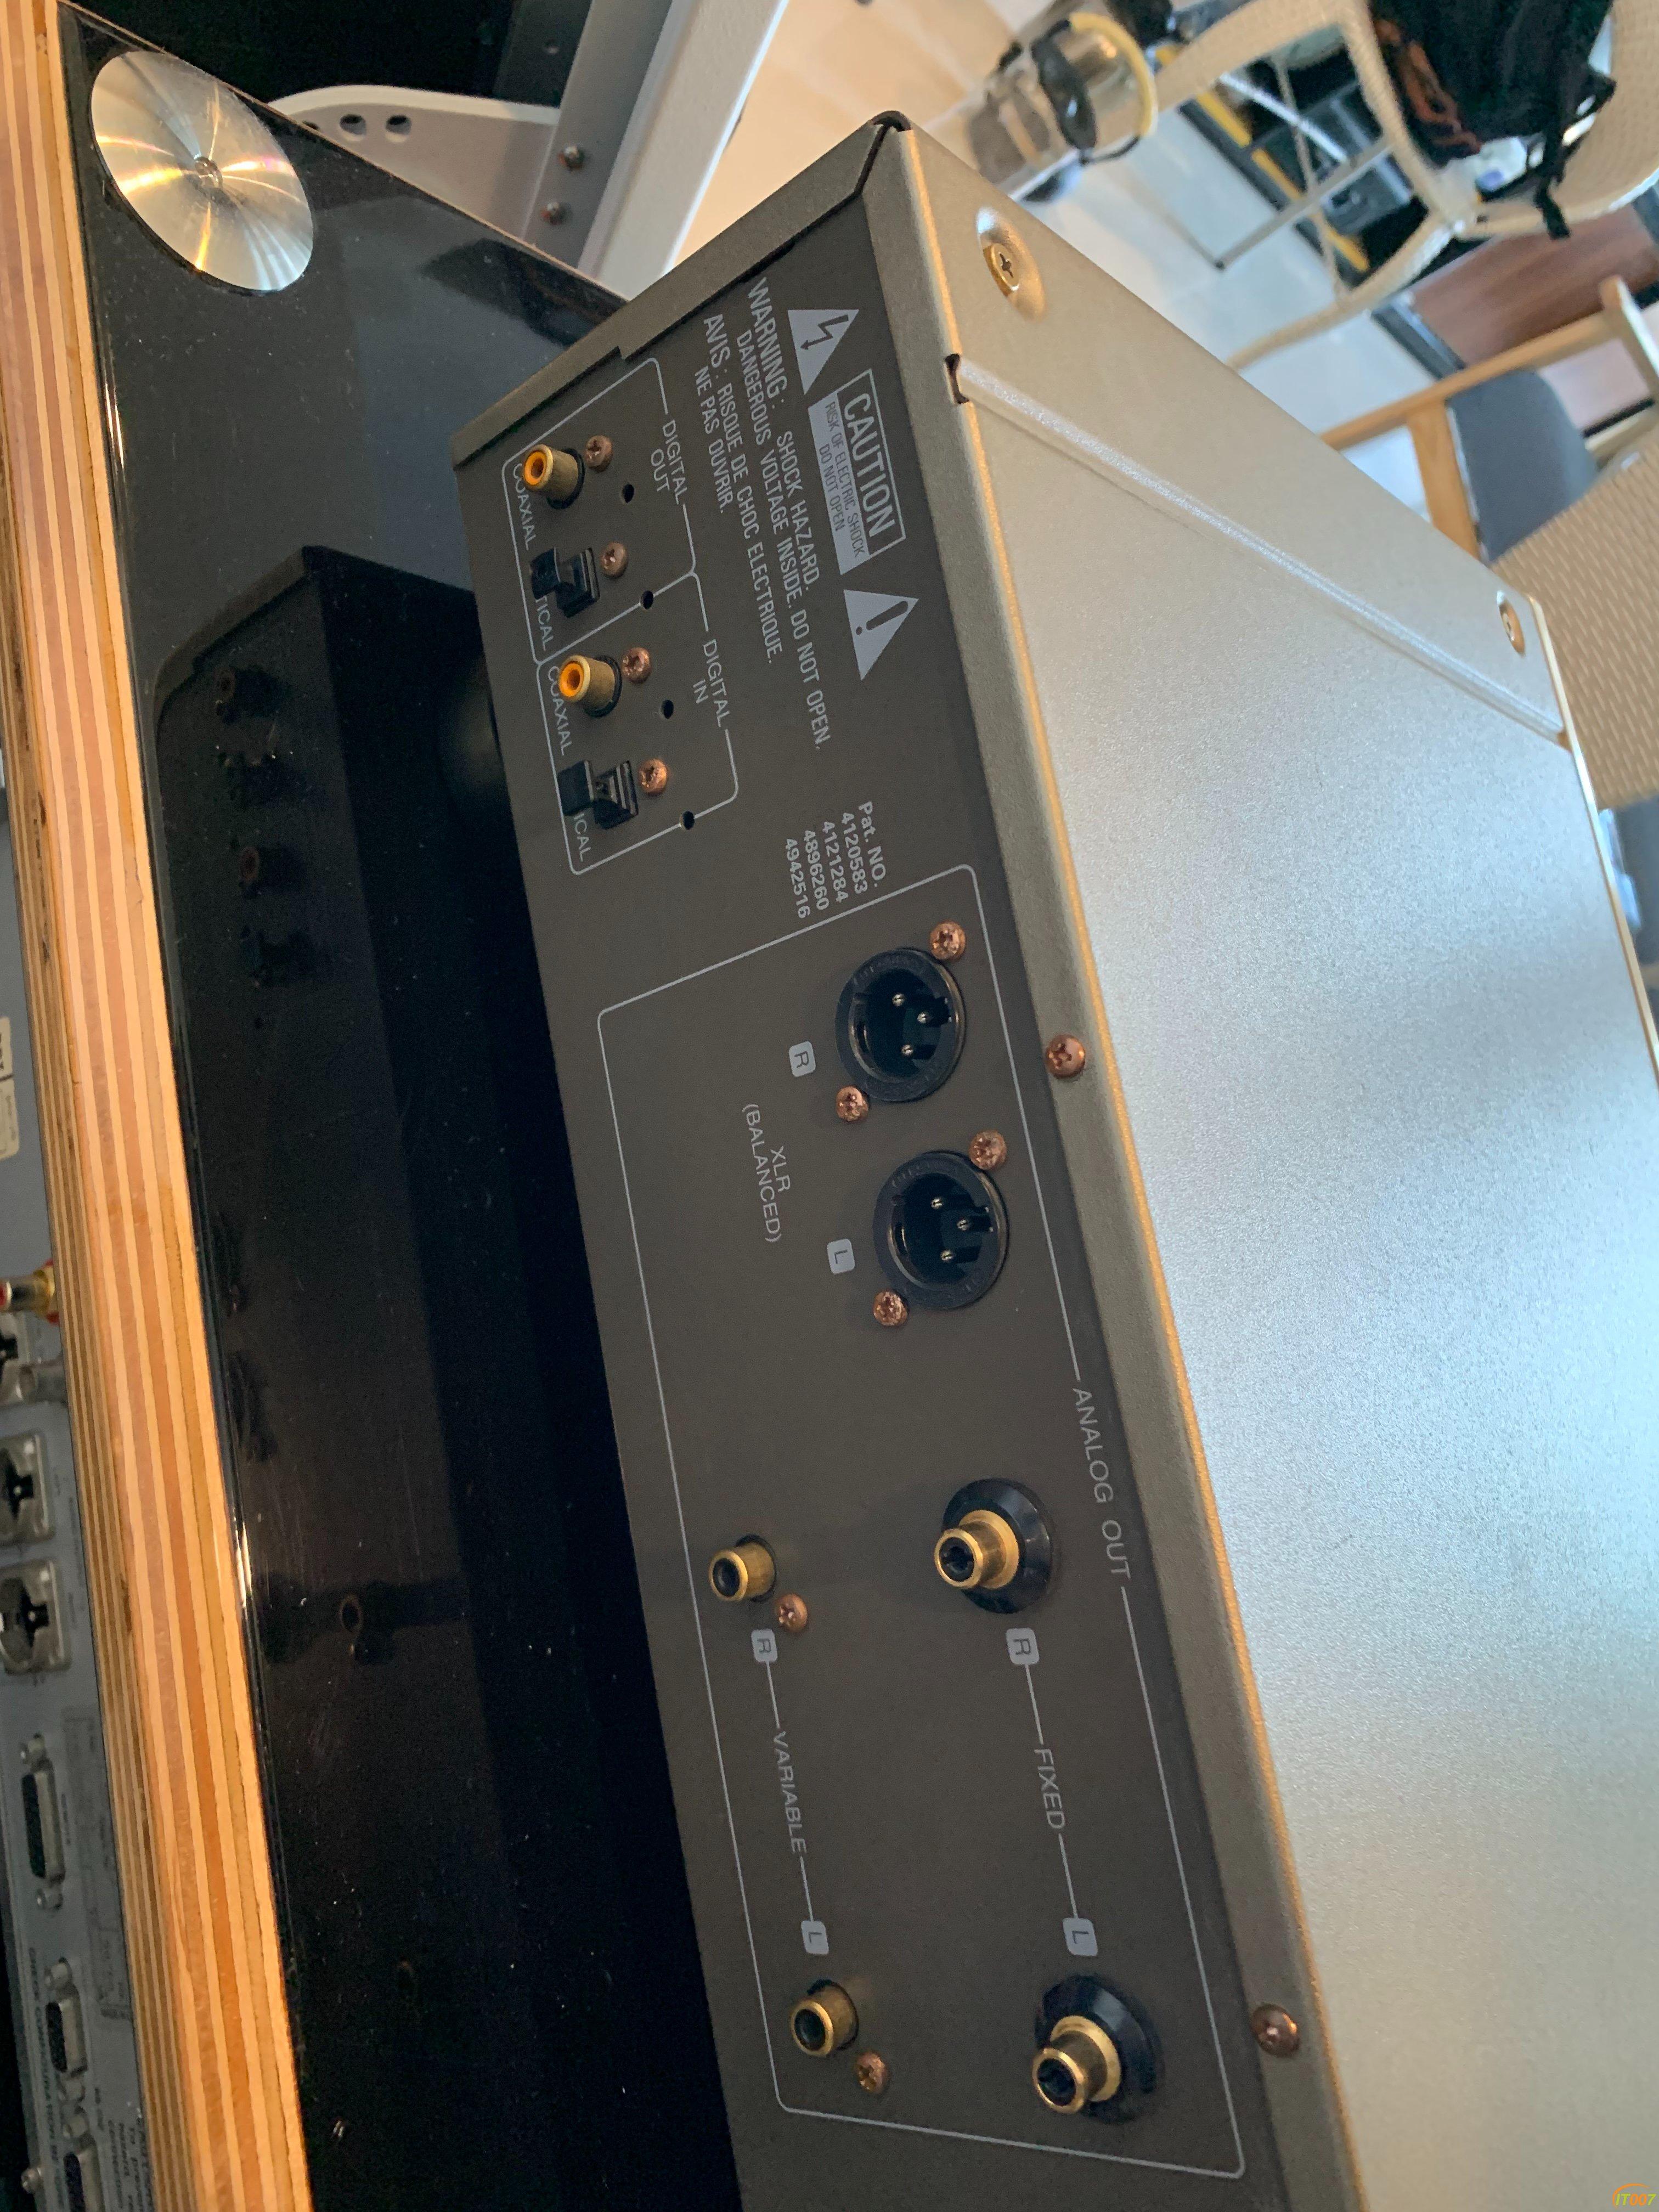 B4F613B8-CF1E-4F49-AA30-934E19AFF785.jpeg